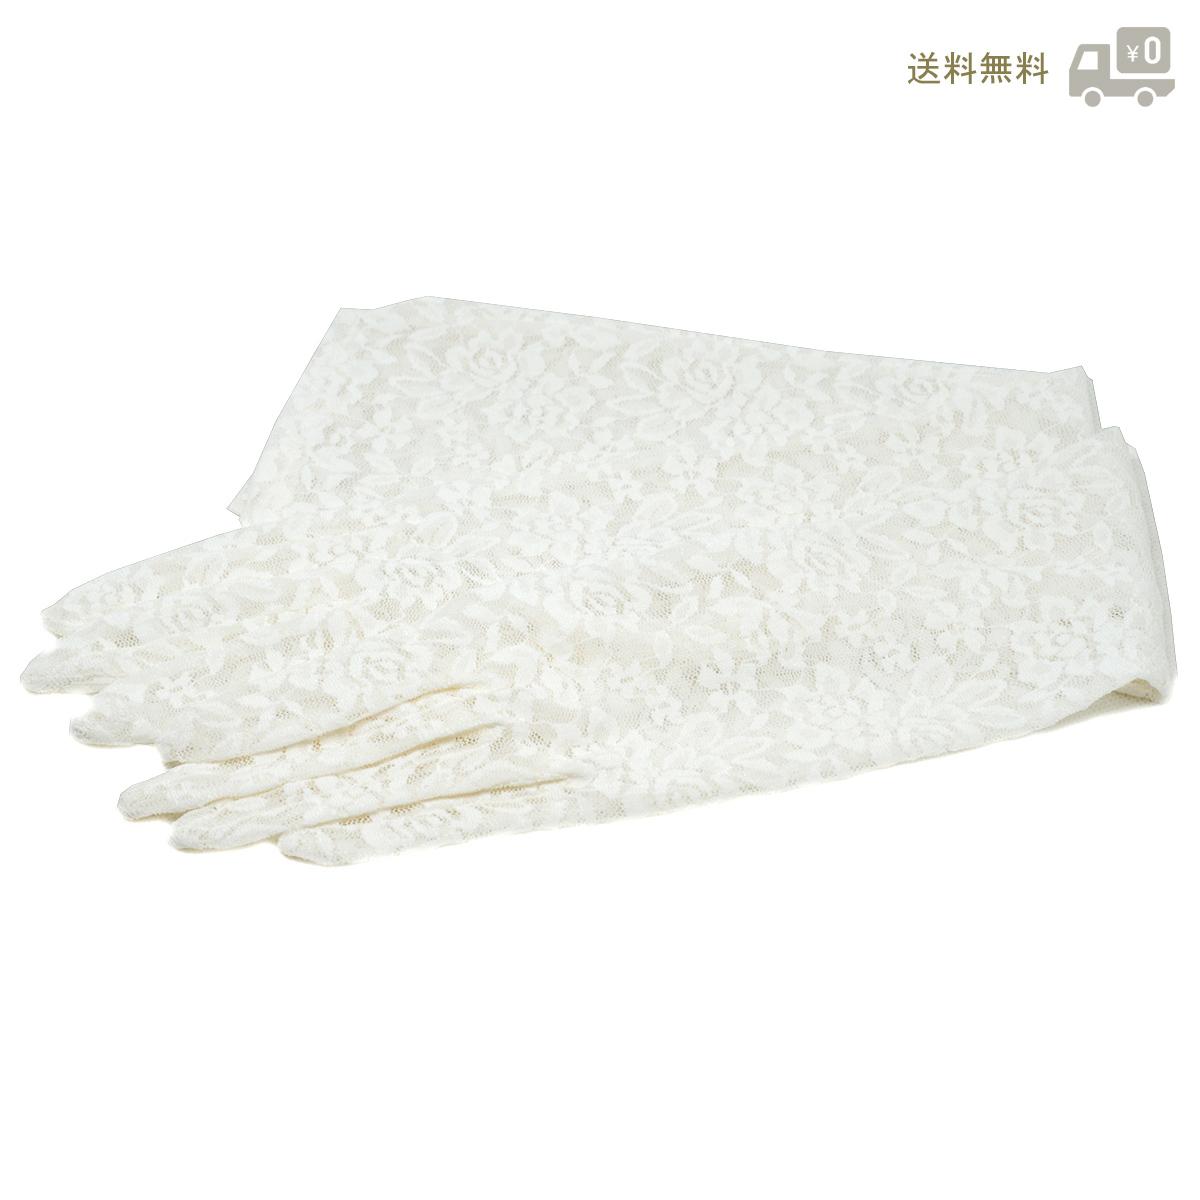 デポー オーソドックスなレースウェディンググローブです レースロンググローブ ディスカウント ストレッチ性のあるタイプで ぴったりフィットします 国内にて縫製された日本製 50cm オフホワイトカラー ウェディングストレッチレースグローブ